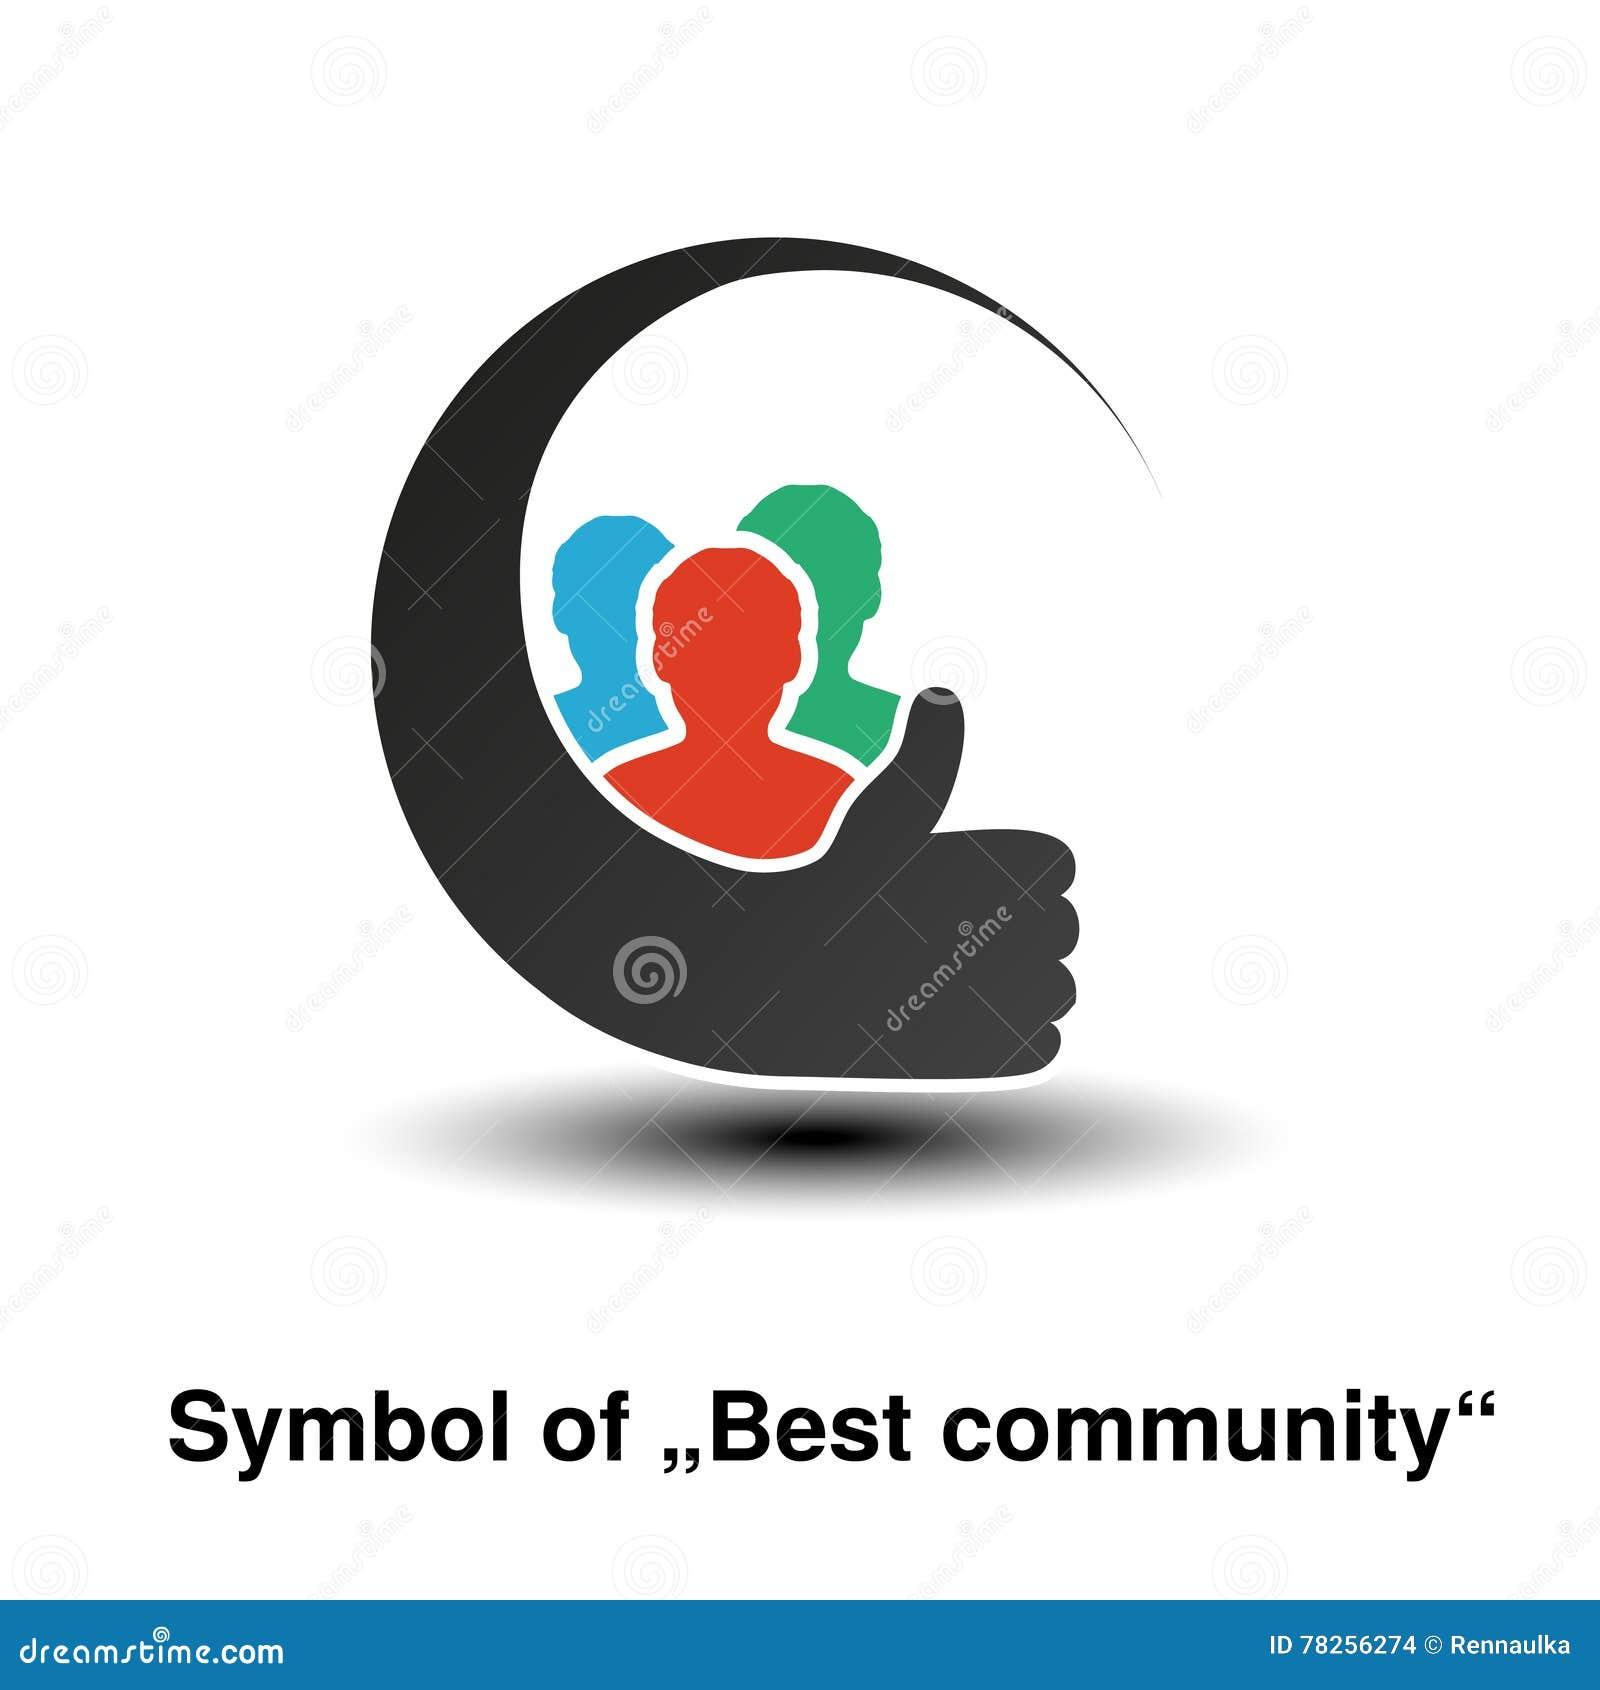 Κοινοτικά σύμβολα Απλές σκιαγραφίες του ατόμου με την καλύτερη χειρονομία επιλογής Κυκλικές ετικέτες σχεδιαγράμματος Σημάδι του μ